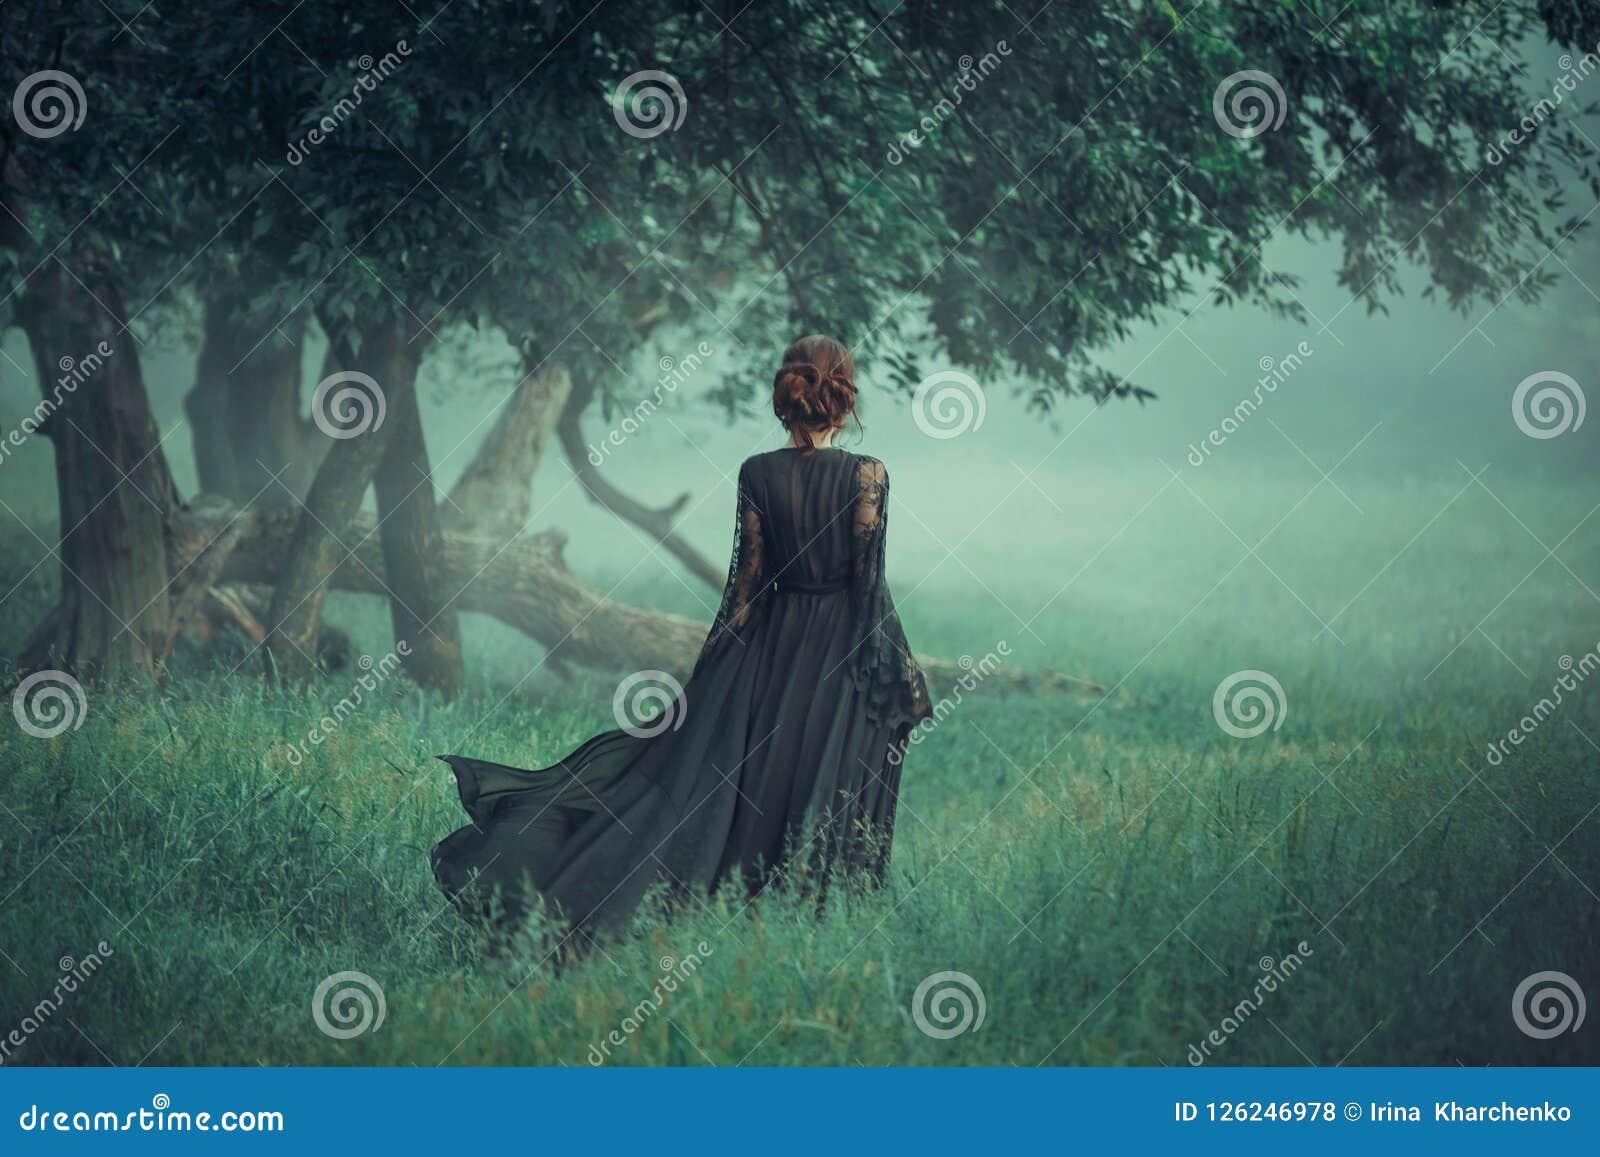 Κορίτσι με μια κόκκινη τρίχα που περπατά εμπρός από το σκοτεινό δάσος, που φορά πολύ το μαύρο φόρεμα με το ρυμουλκό που κυματίζει